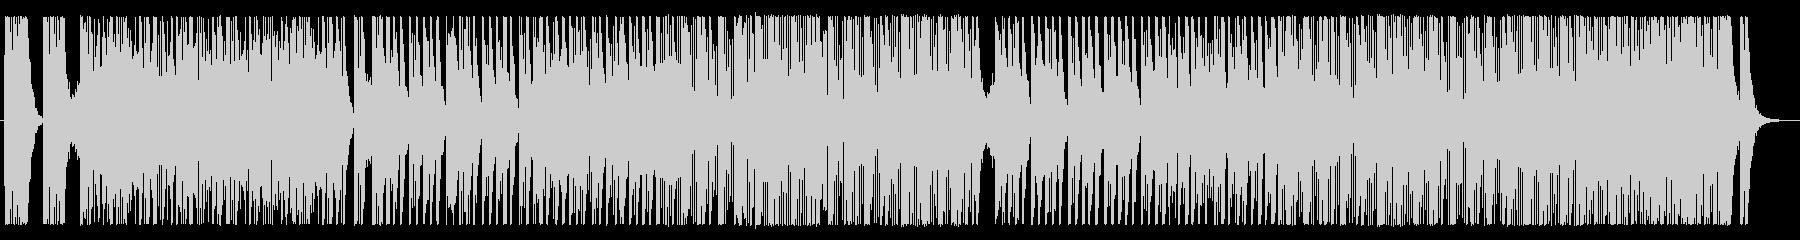 荒々しい和太鼓アンサンブル 尺八無し版の未再生の波形